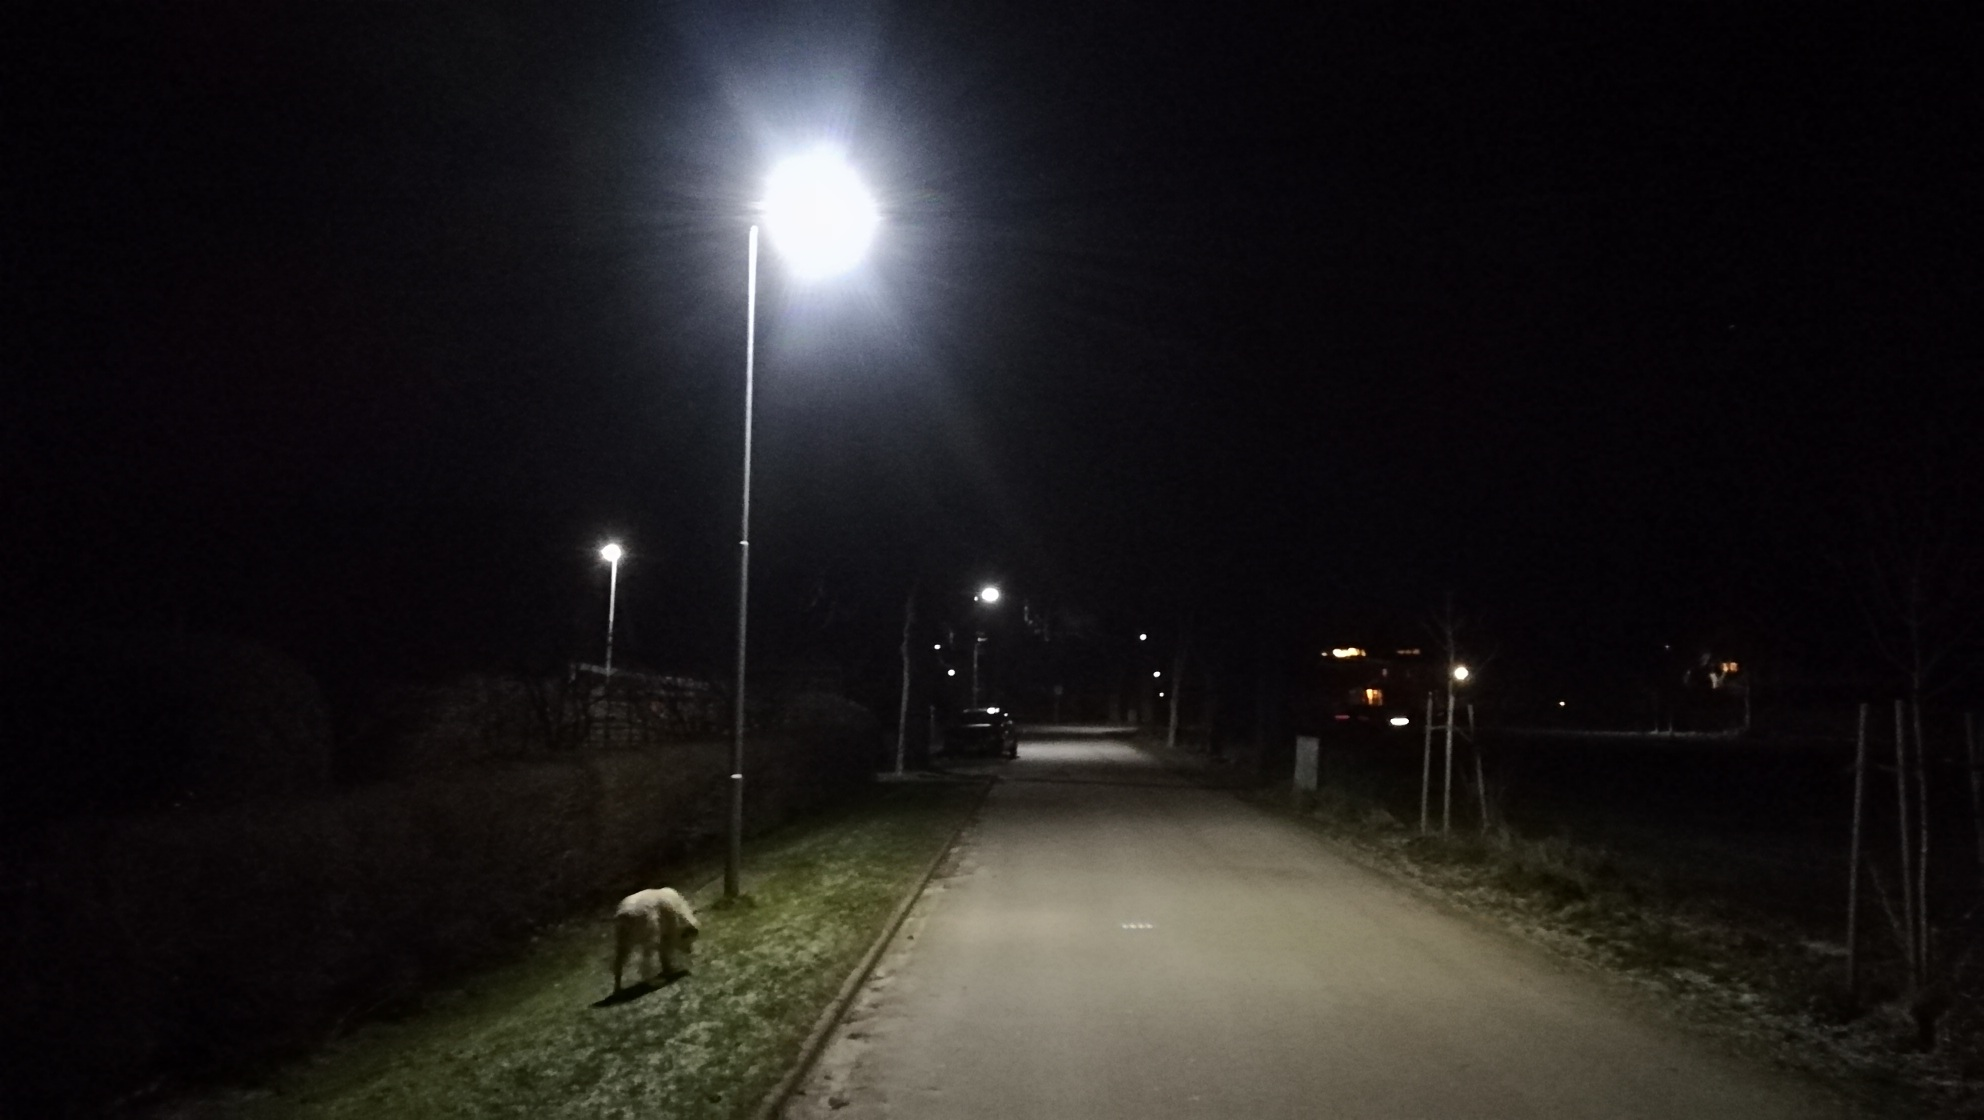 Investition In Straßenbeleuchtung Entlastet Bliestorfer